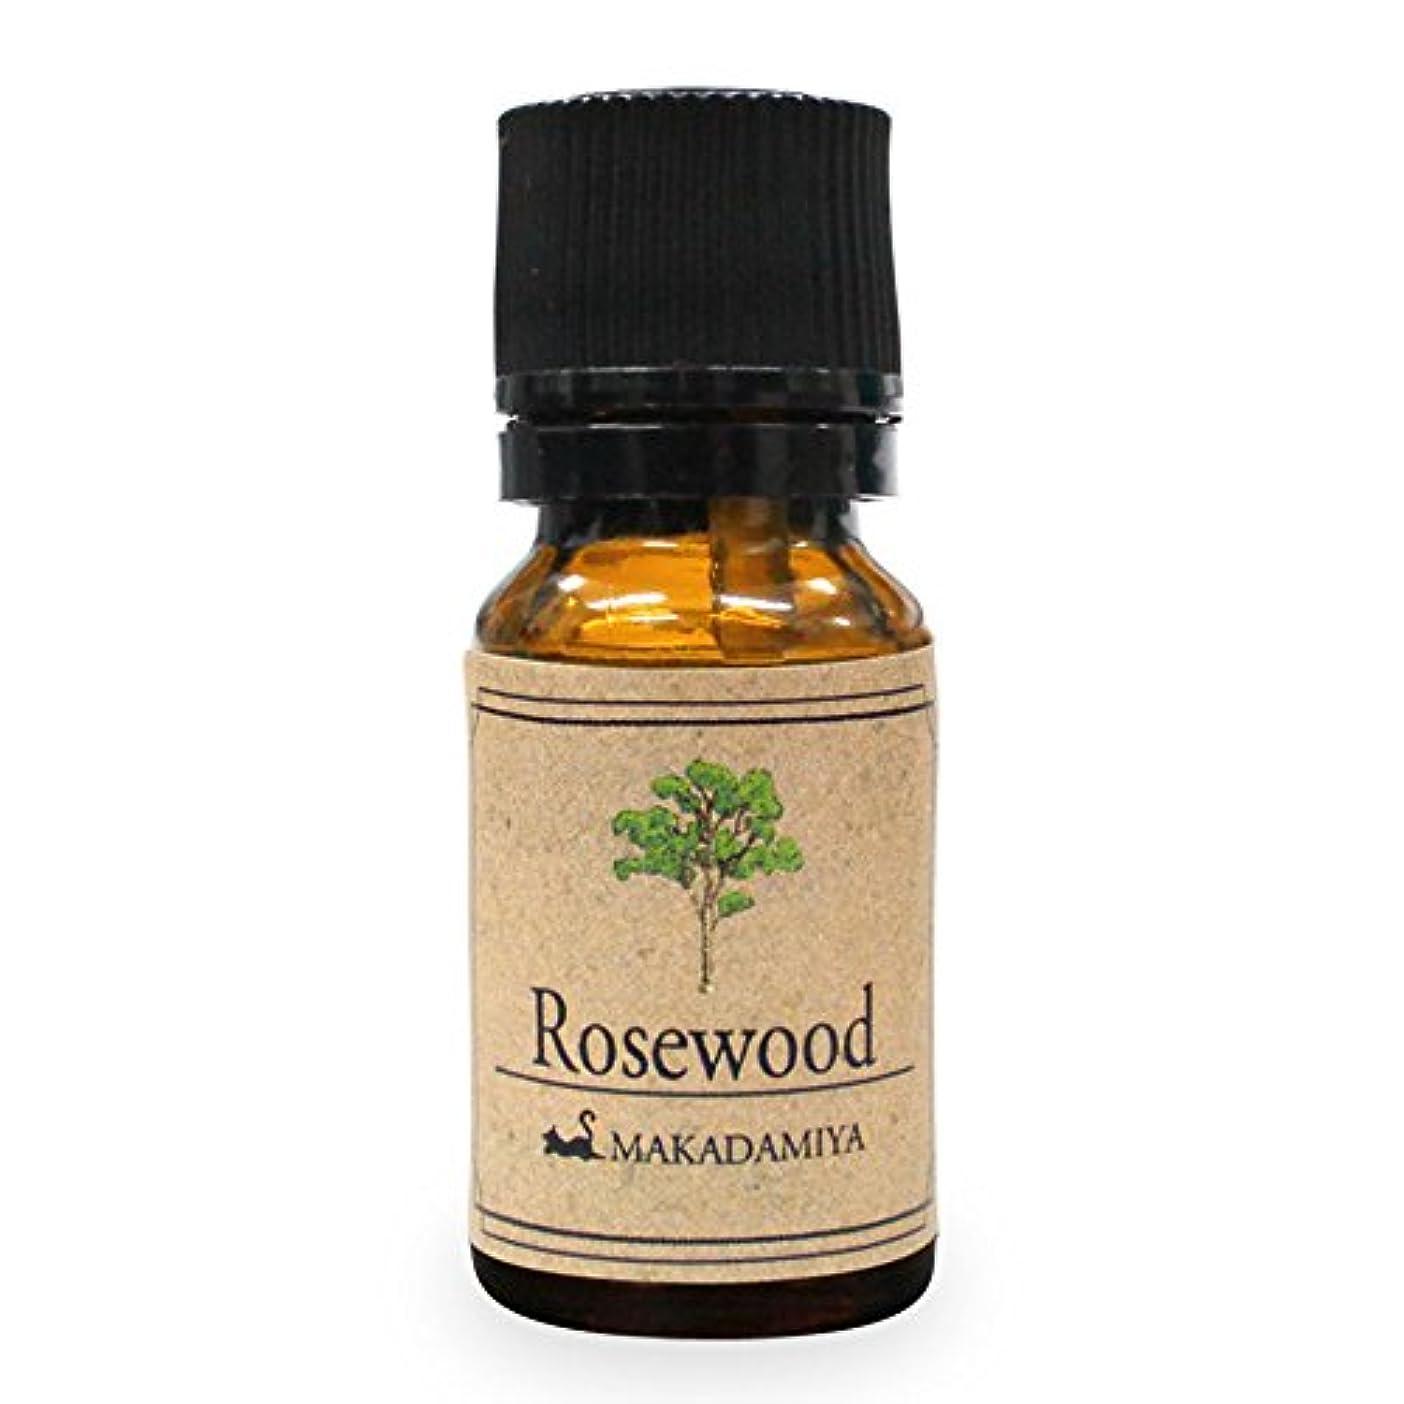 制限強い疾患ローズウッド10ml 天然100%植物性 エッセンシャルオイル(精油) アロマオイル アロママッサージ aroma Rosewood